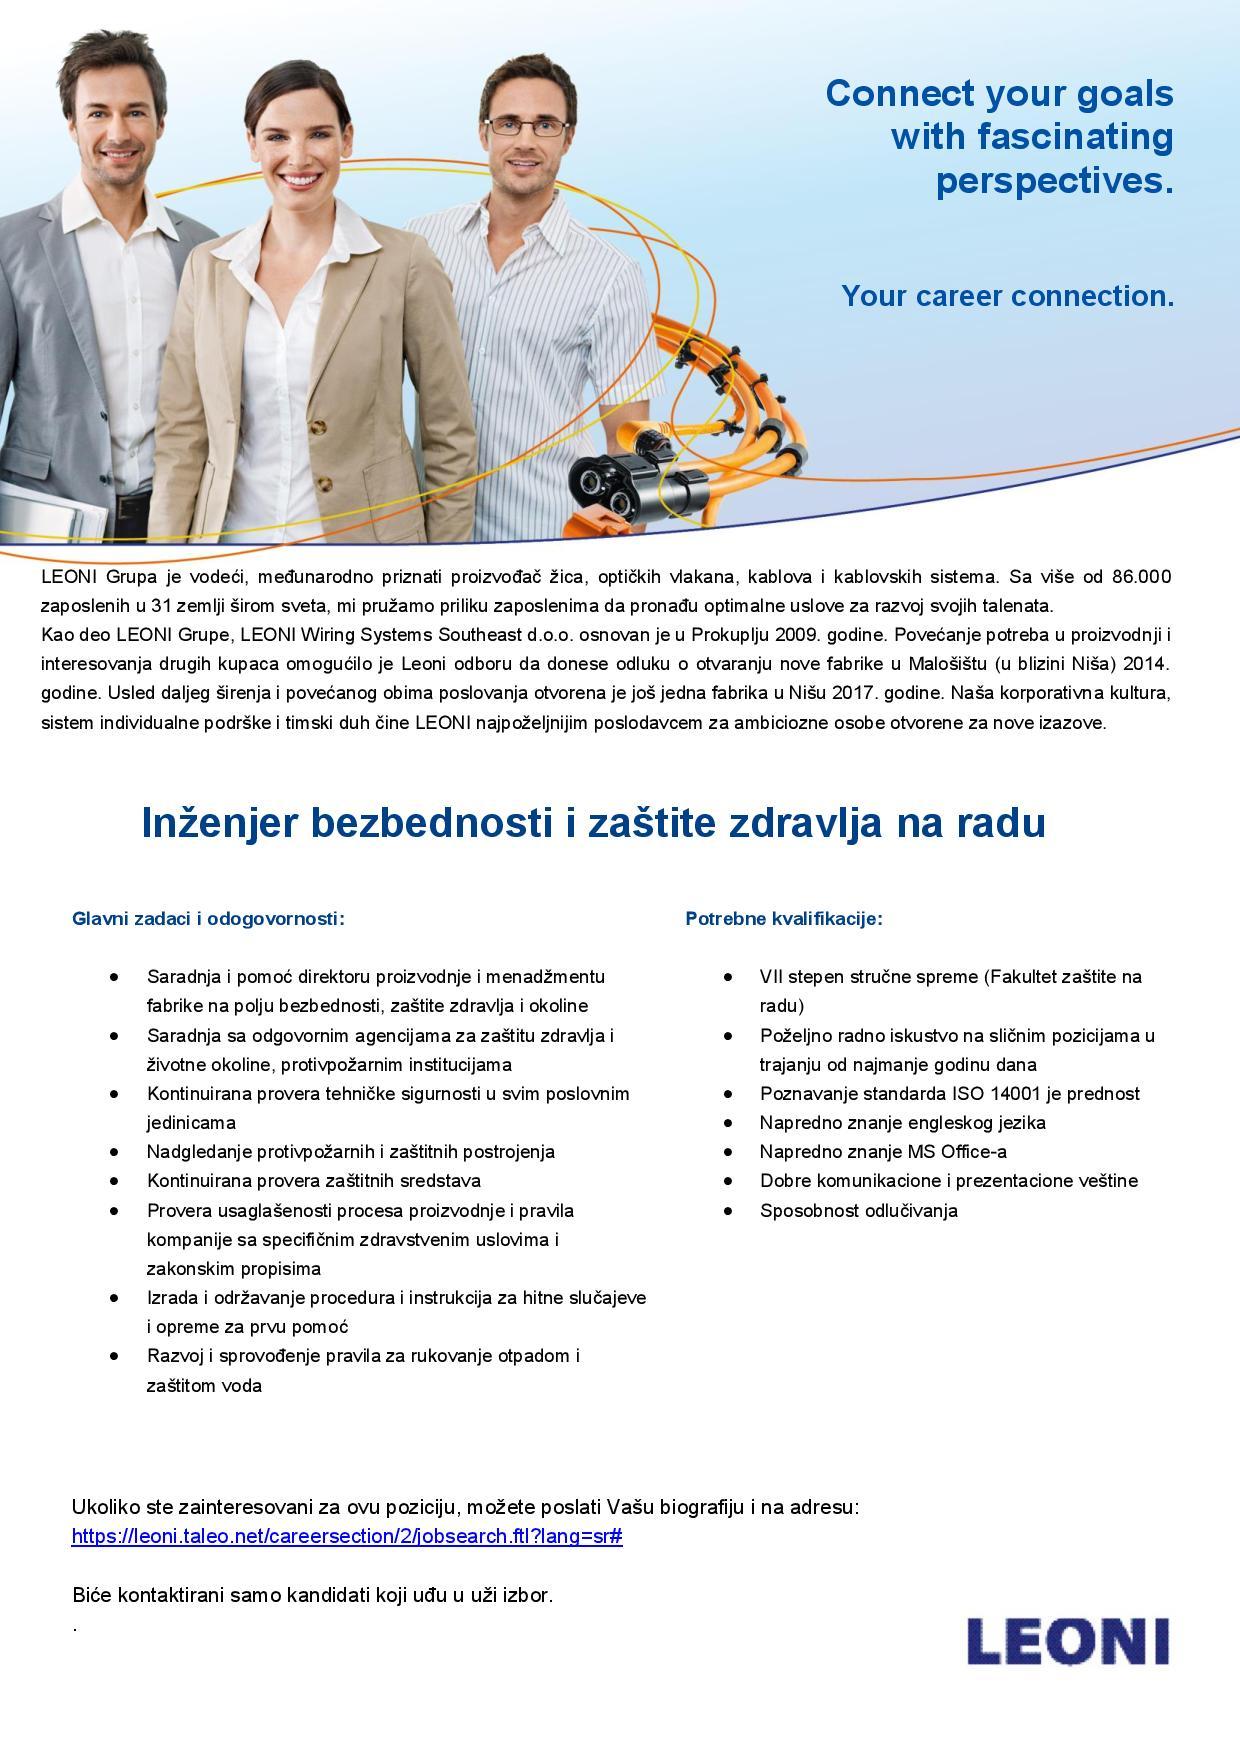 Inženjer bezbednosti i zaštite zdravlja na radu